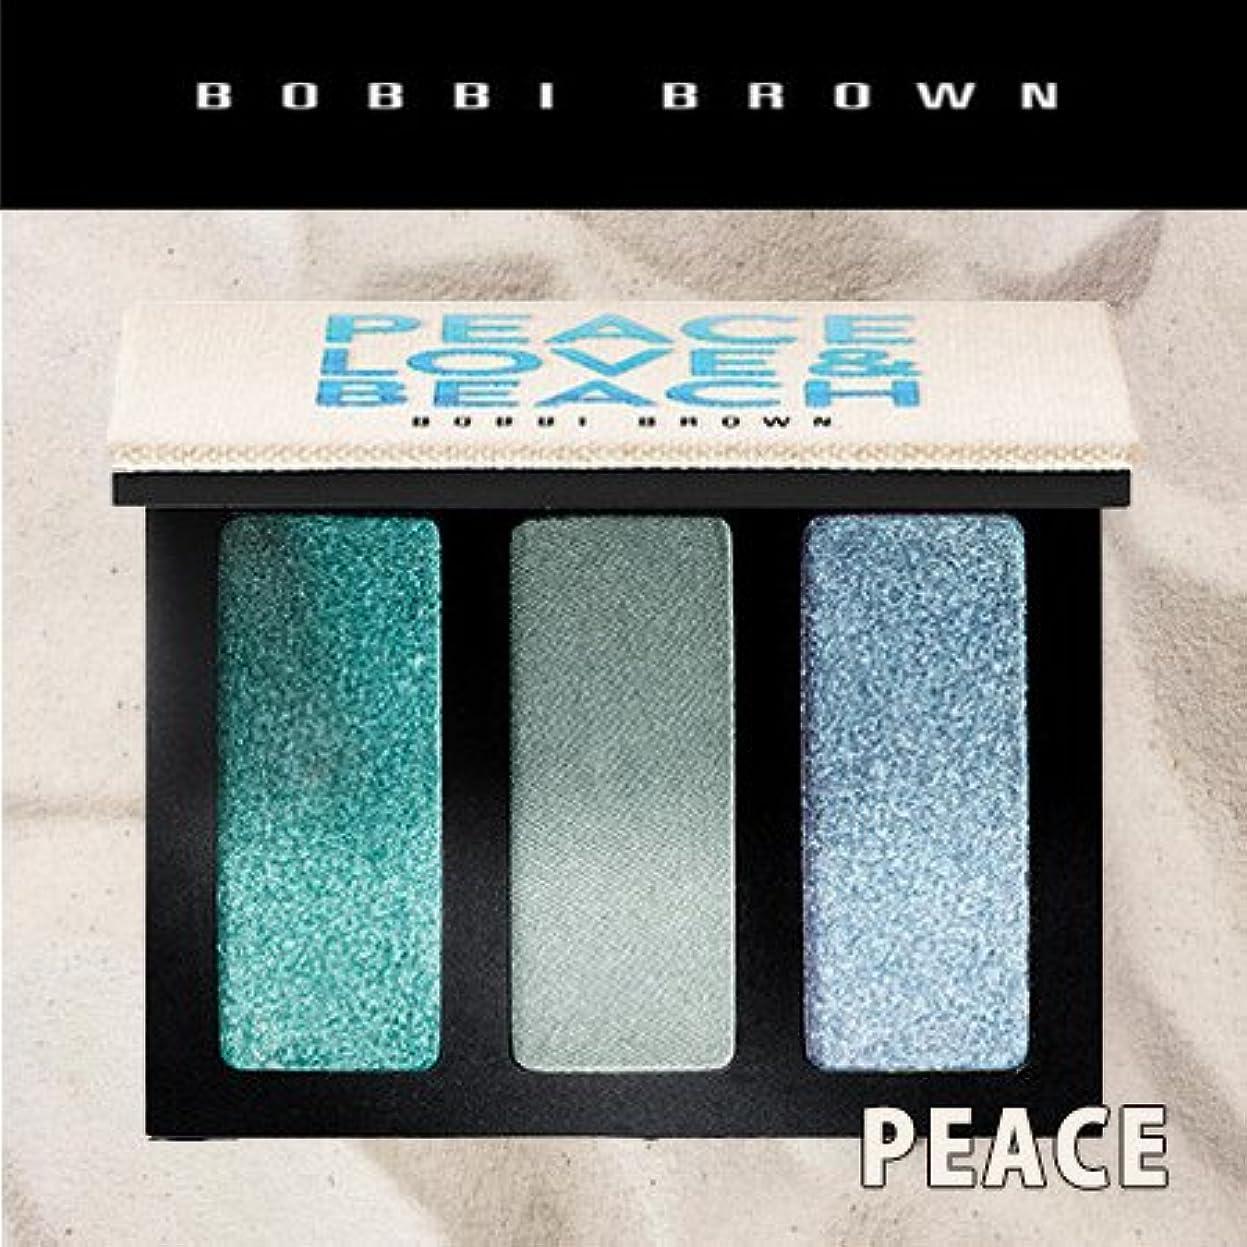 言い直す郊外便利さボビイブラウン アイシャドウ トリオ ピース,ラブ&ビーチ #ピース PEACE (限定品) -BOBBI BROWN- 【並行輸入品】